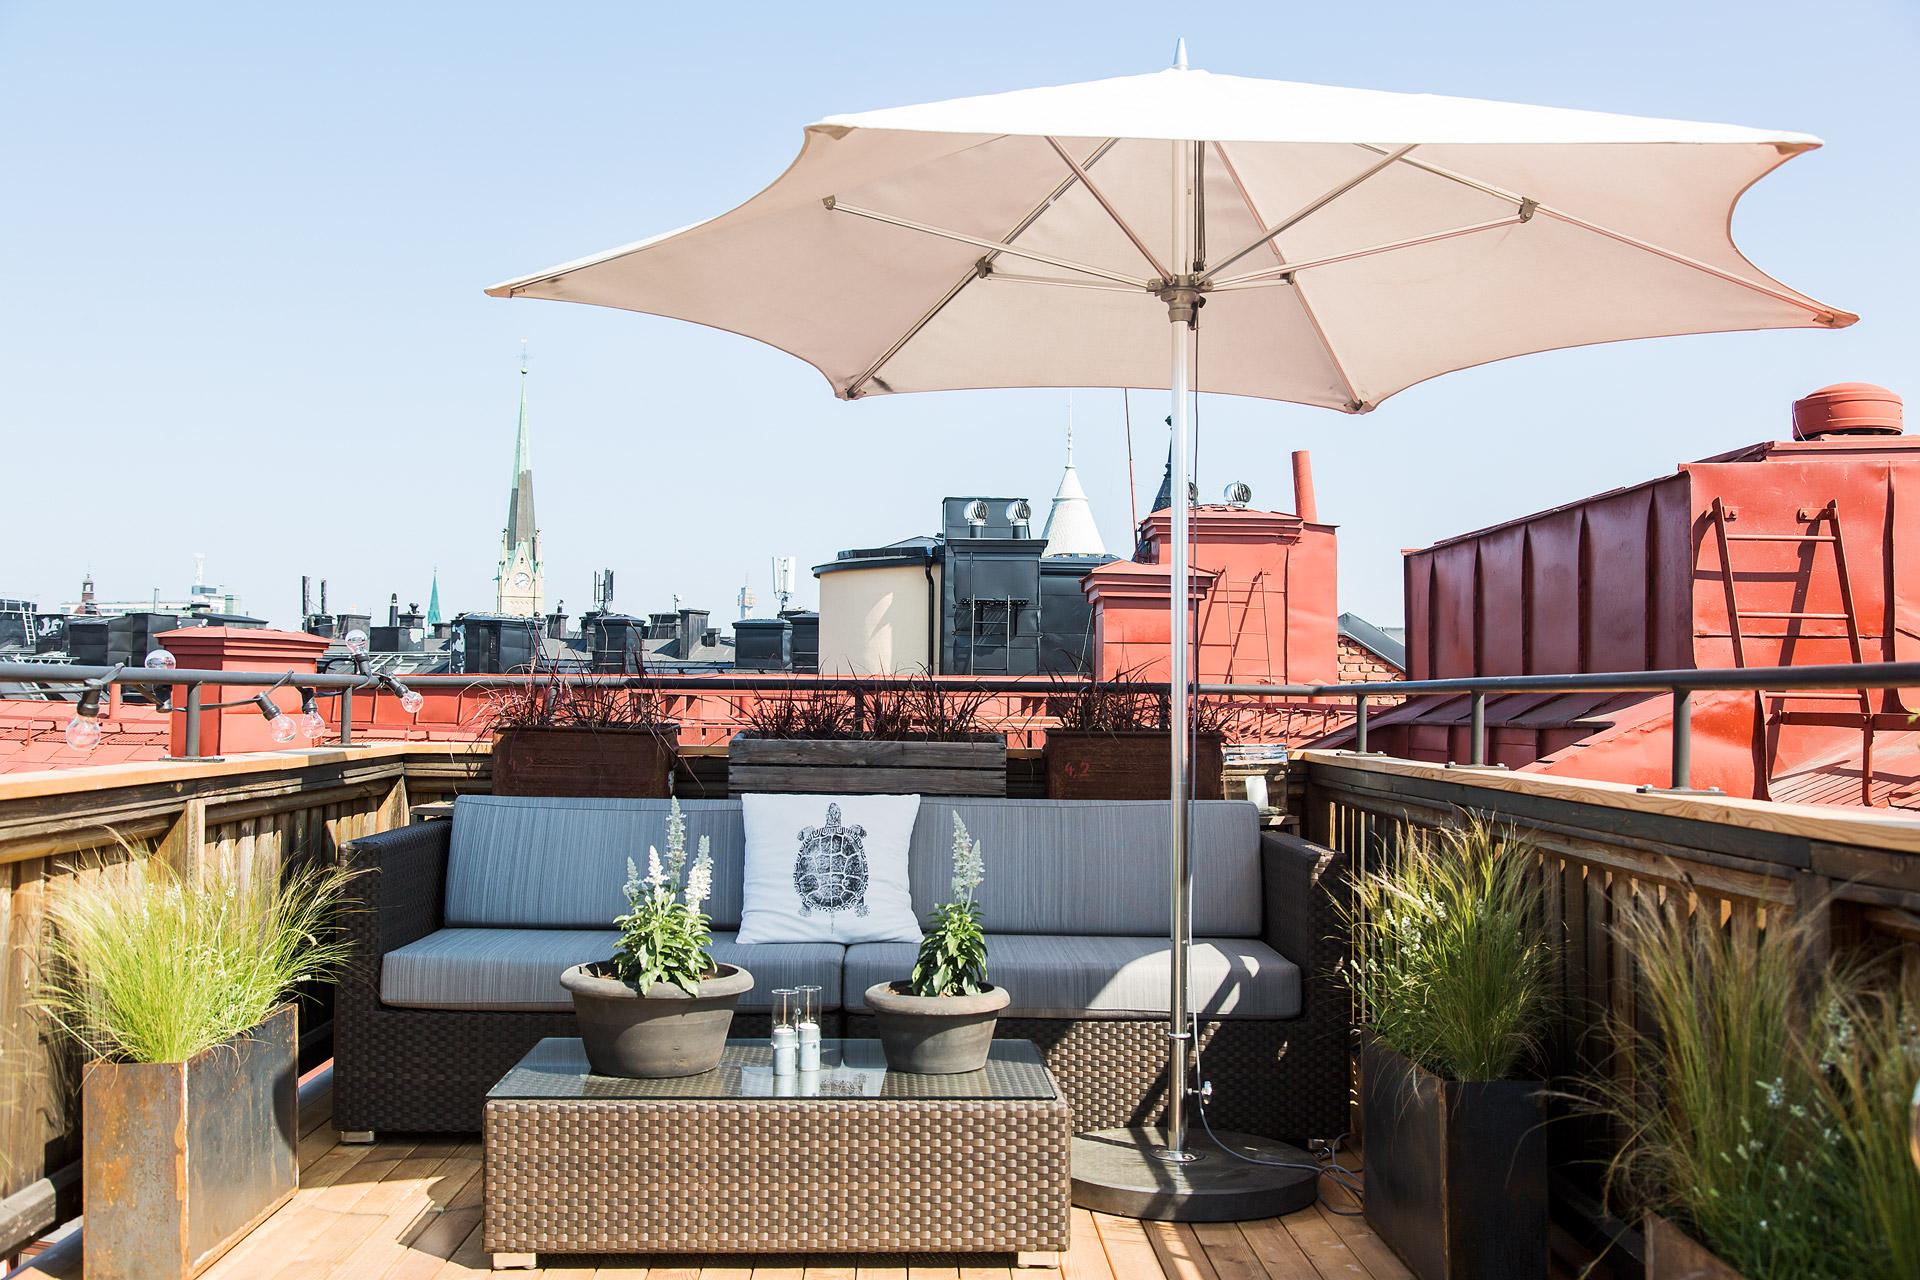 delikatissen etiquetas reformar terraza terraza y jardn otros estilos estilo clsico renovado amueblar terraza instalar sombrillas terraza - Sombrillas De Terraza